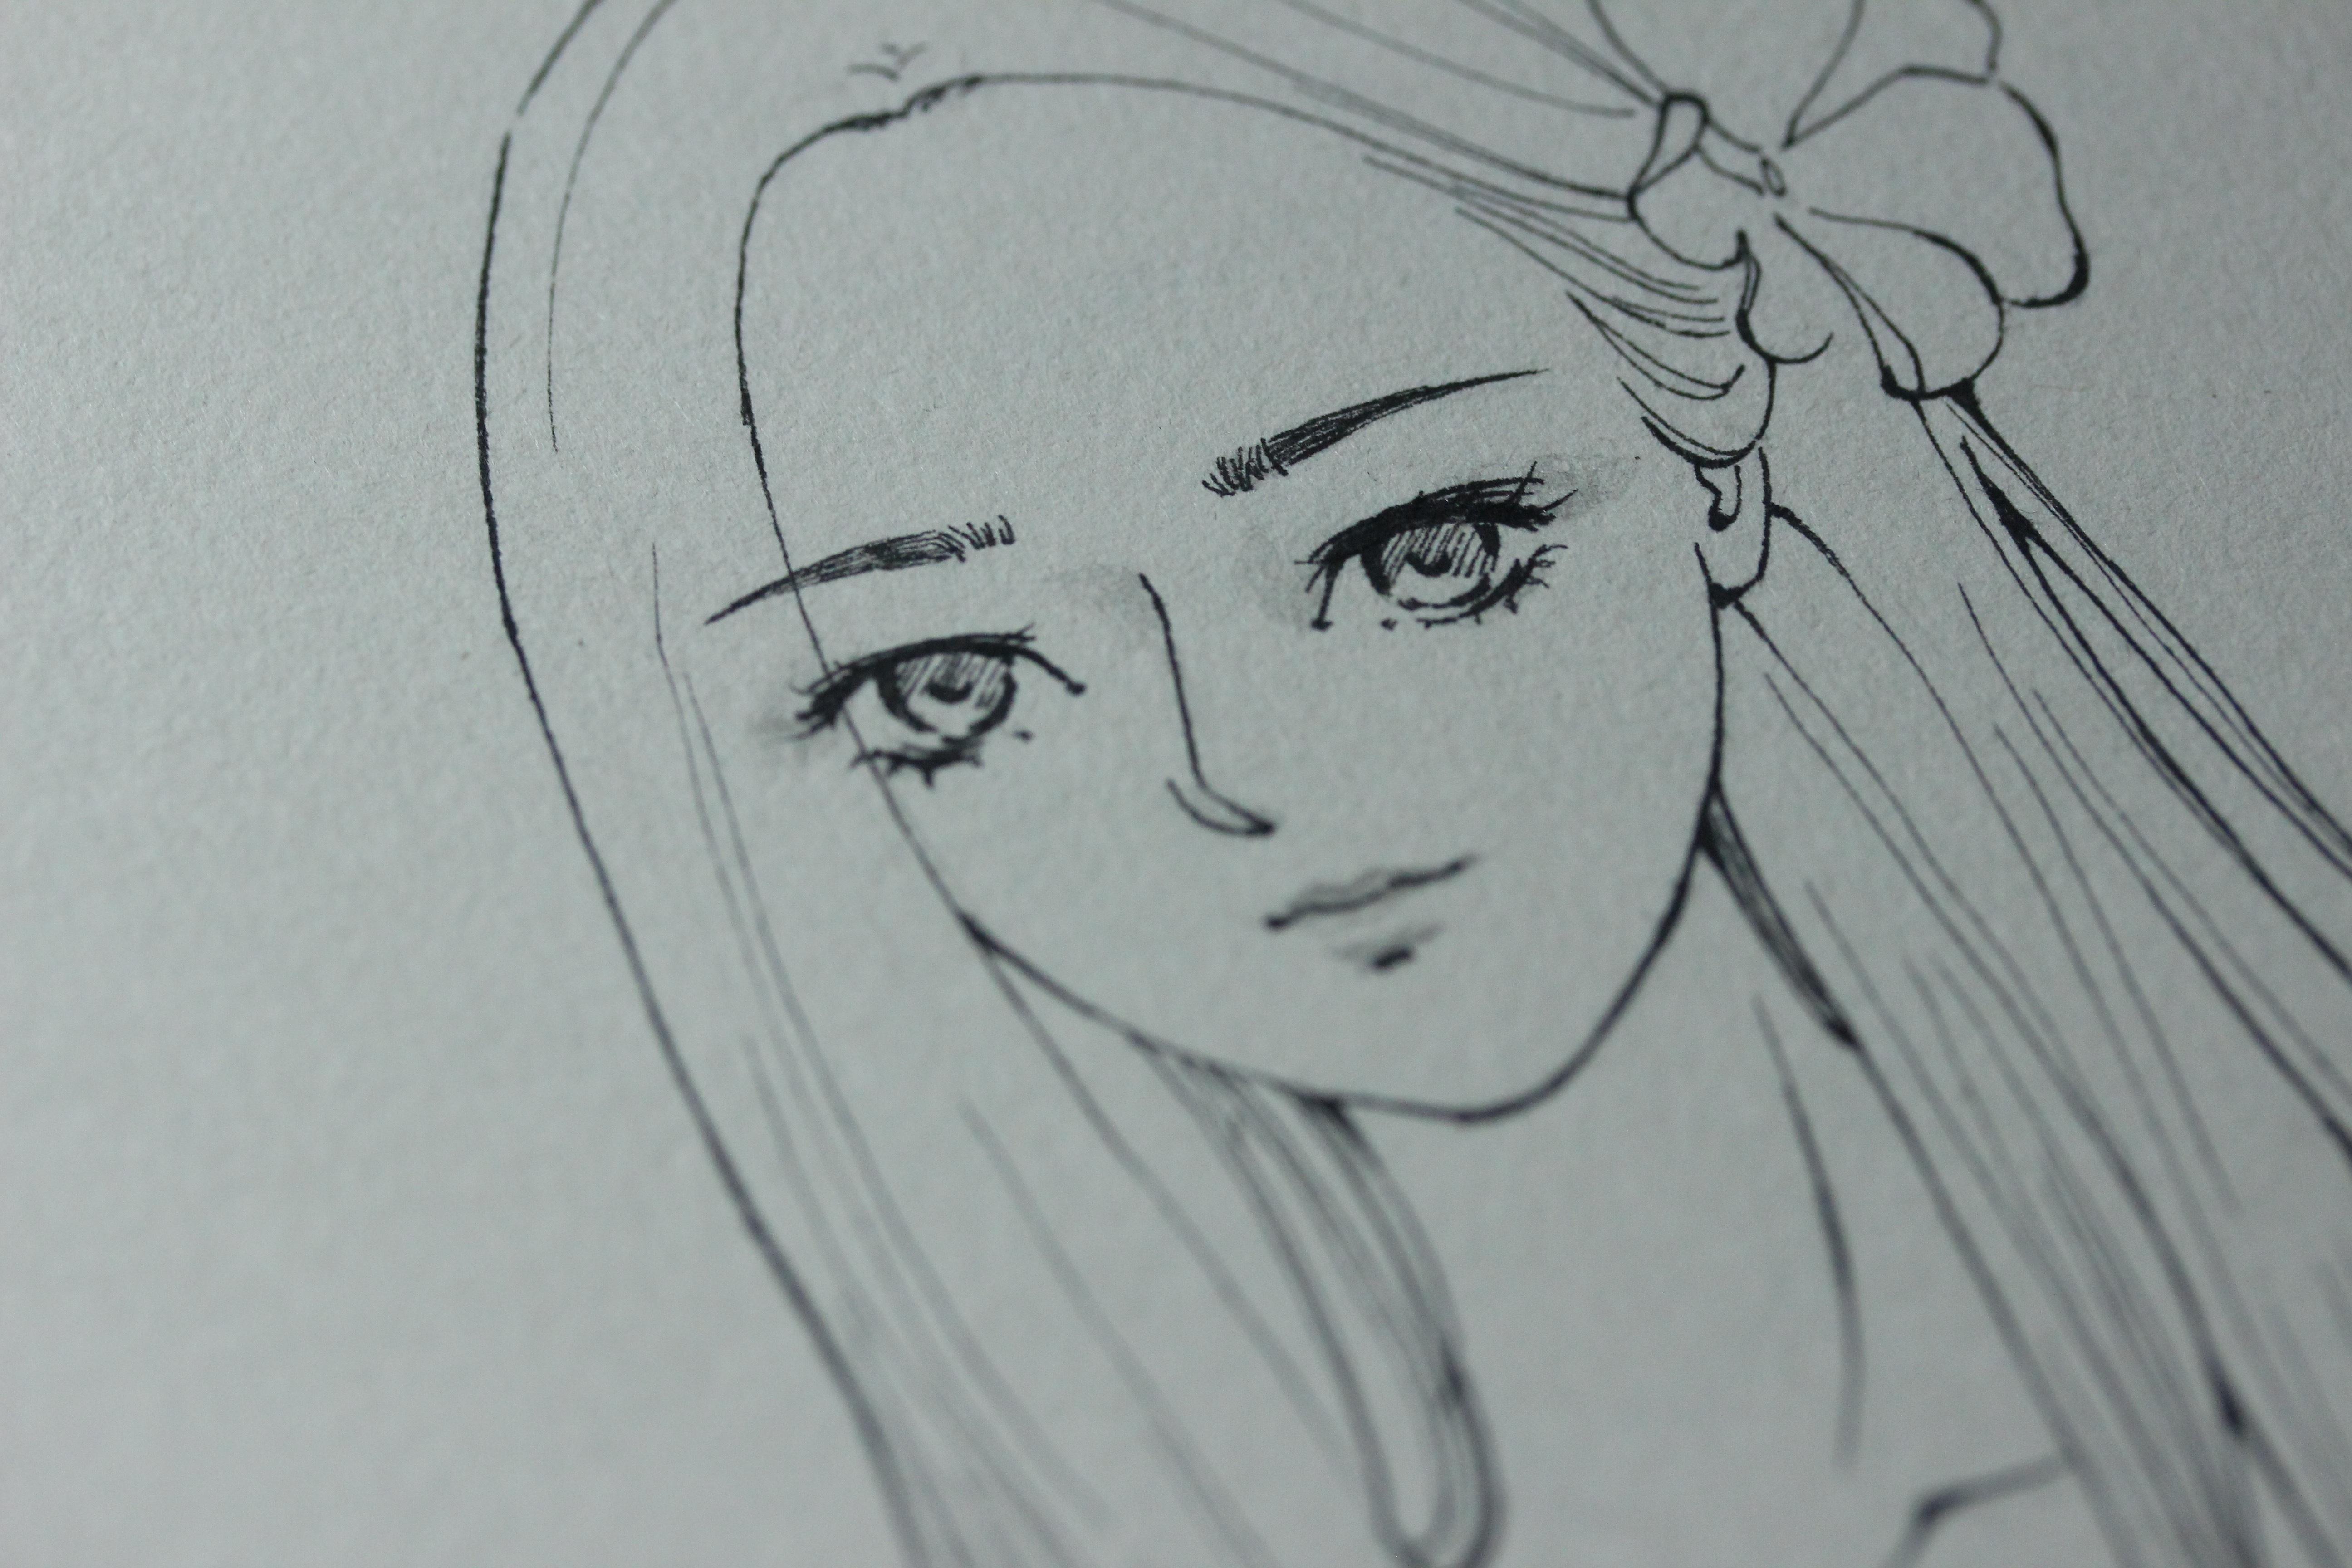 简单的黑白|插画|插画习作|阿fish - 原创作品 - 站酷